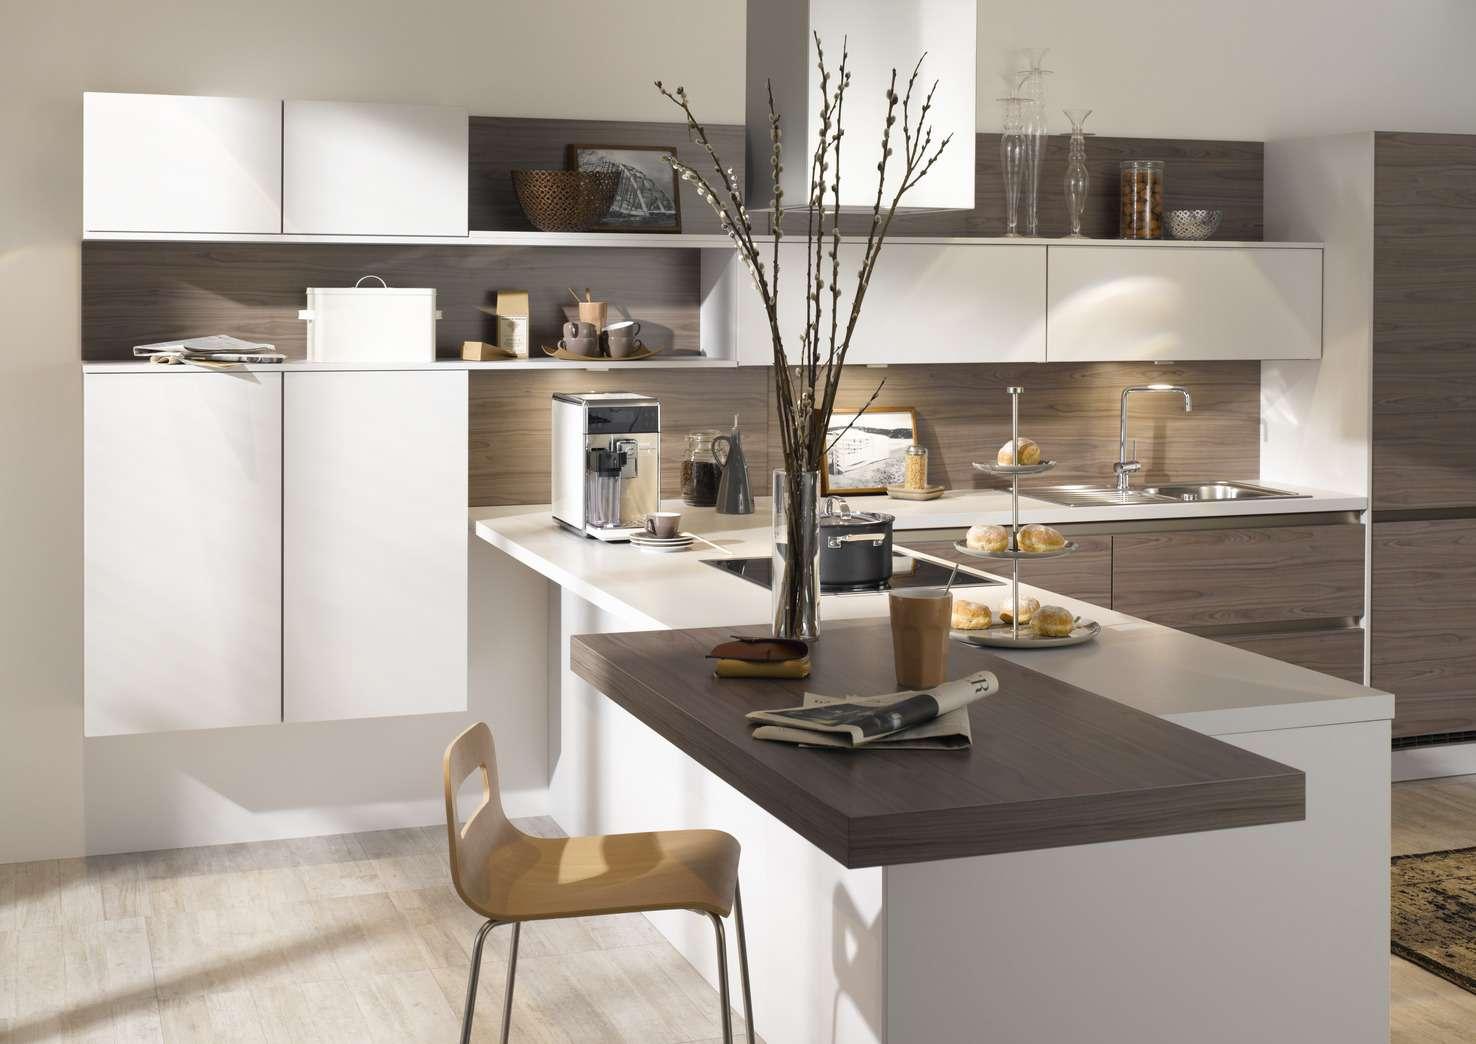 Moderne küche mit theke  Moderne Küche in L-Form mit Theke